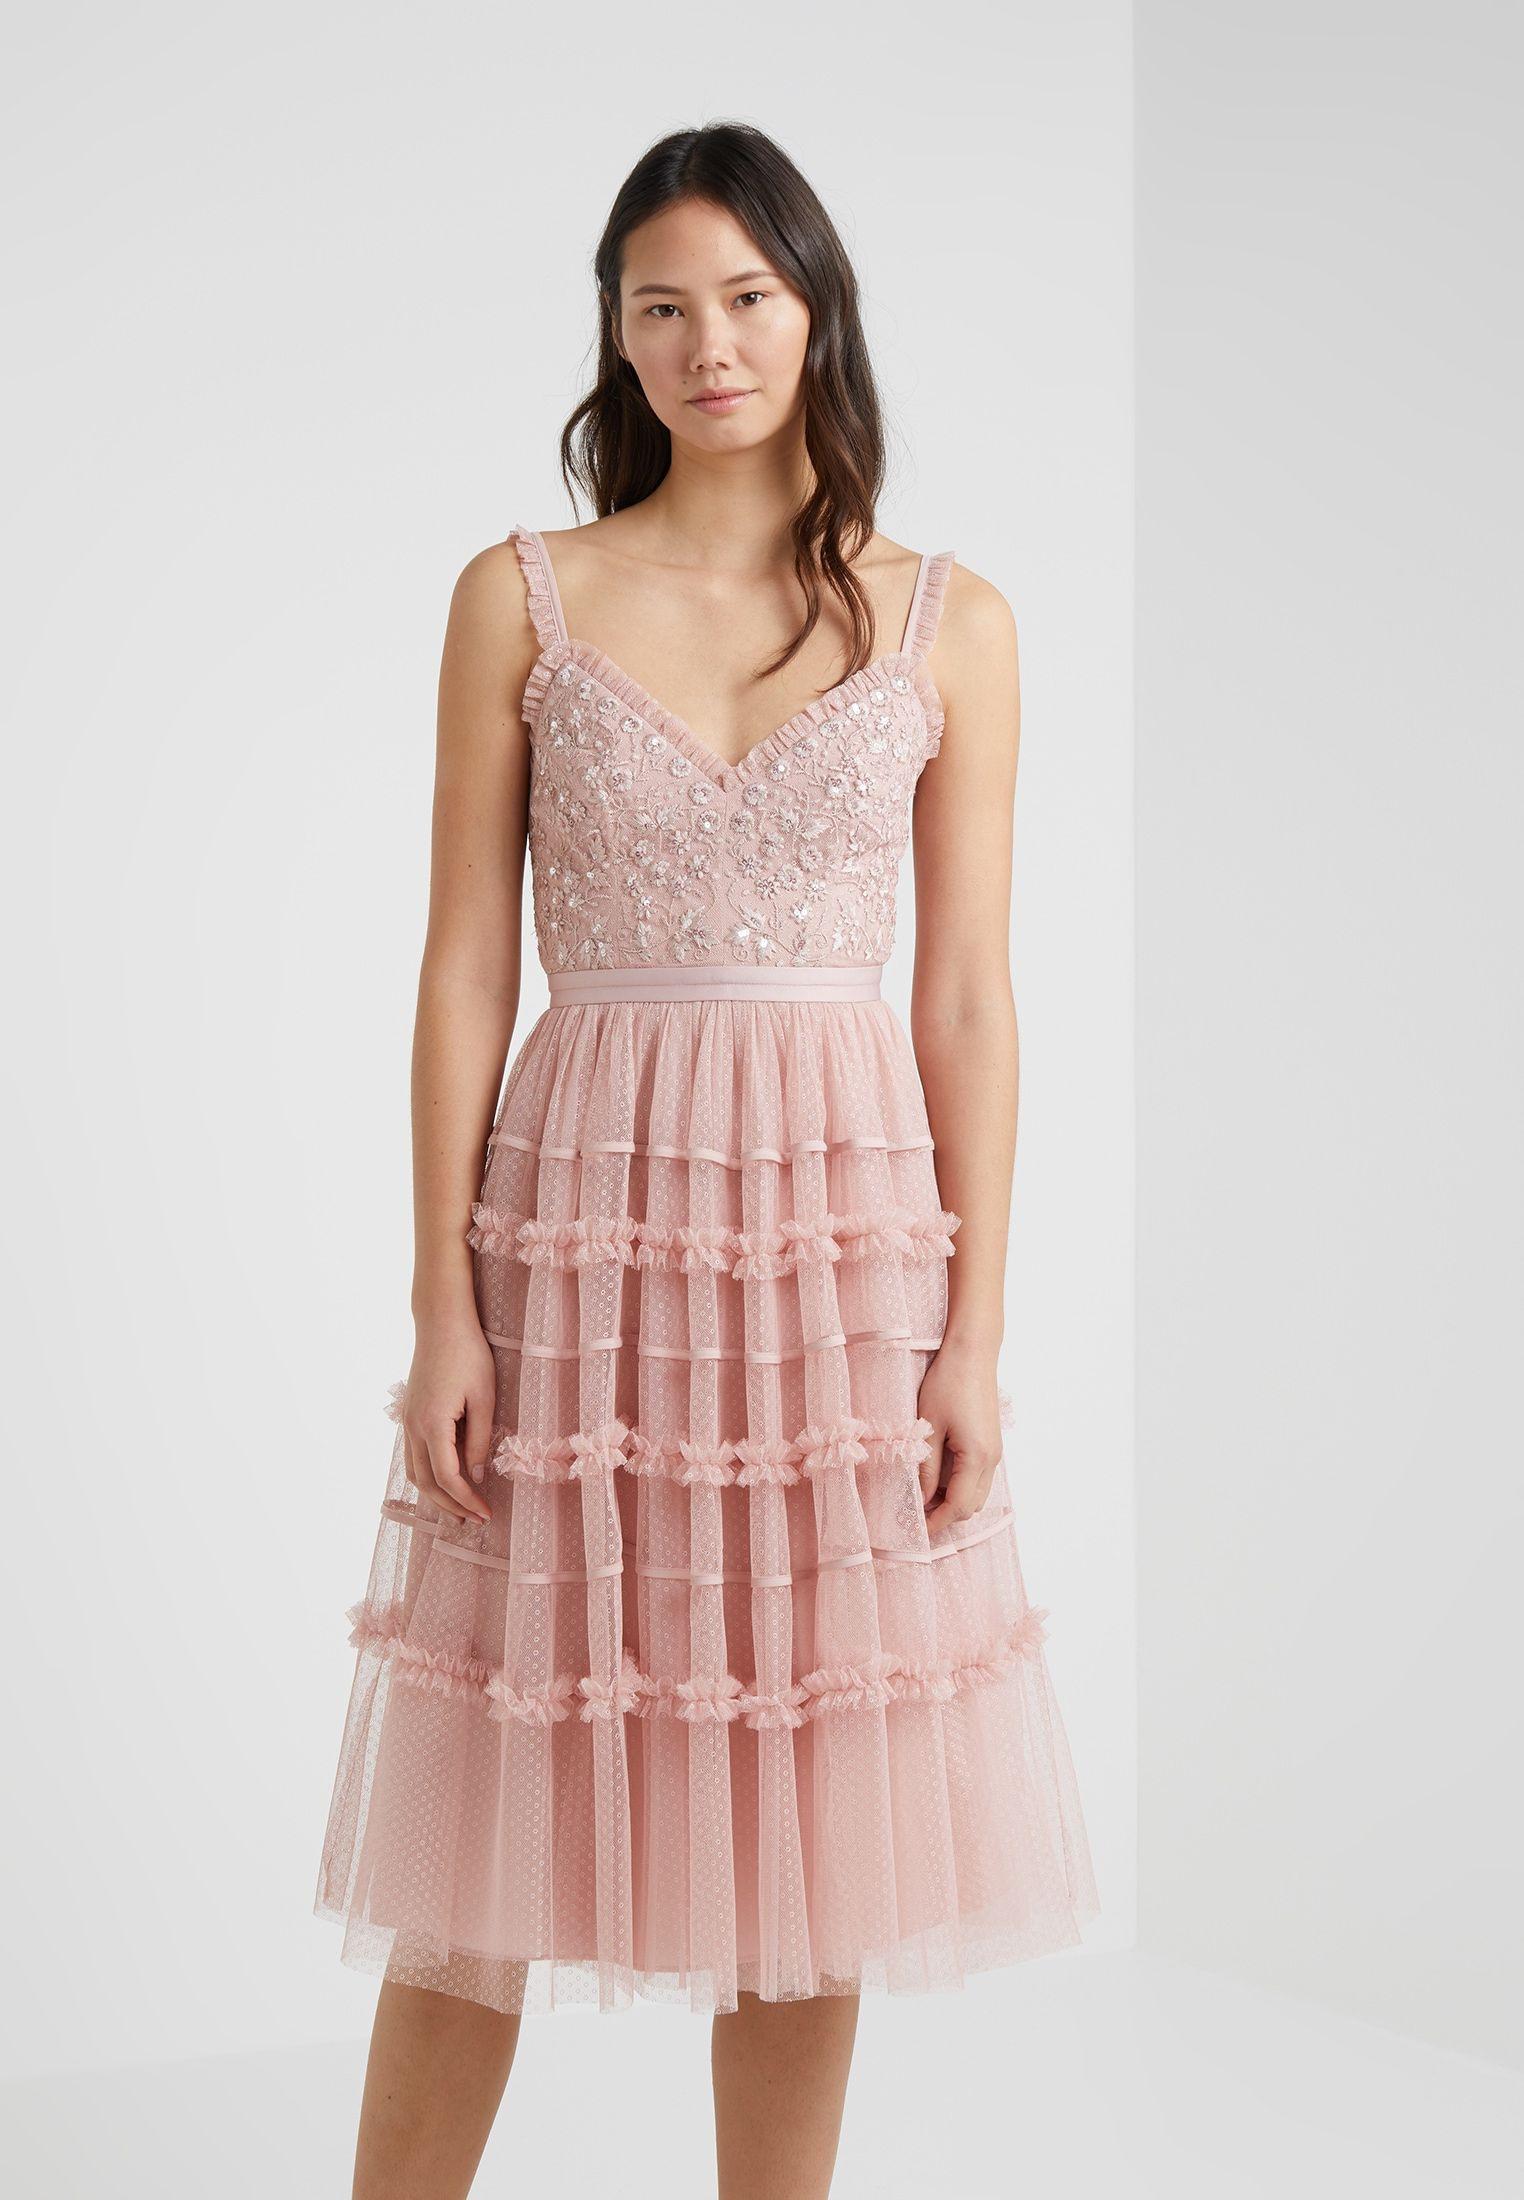 Designer Leicht Festliches Kleid Rose ÄrmelAbend Einfach Festliches Kleid Rose Galerie